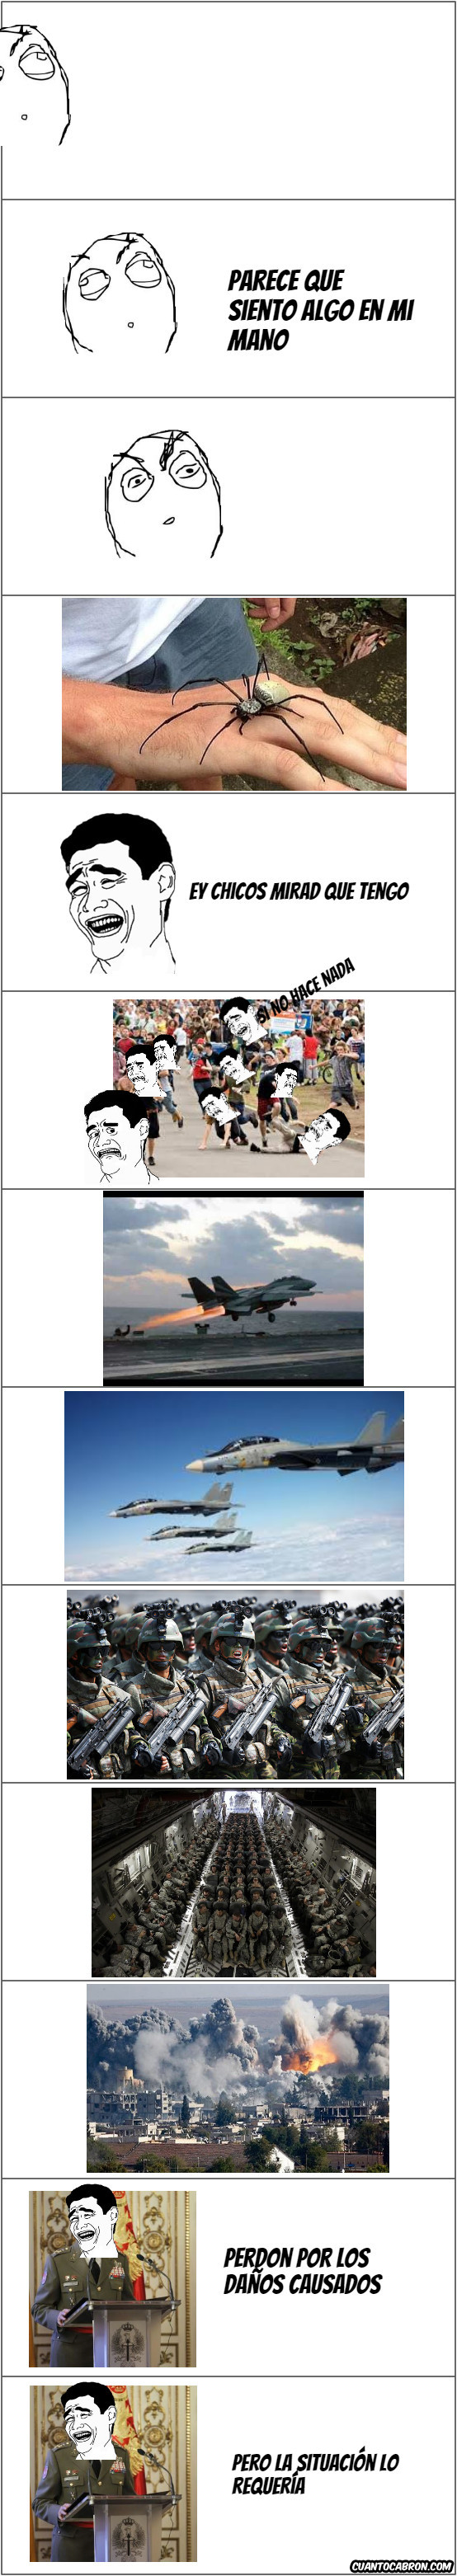 Yao - Tercera guerra mundial...